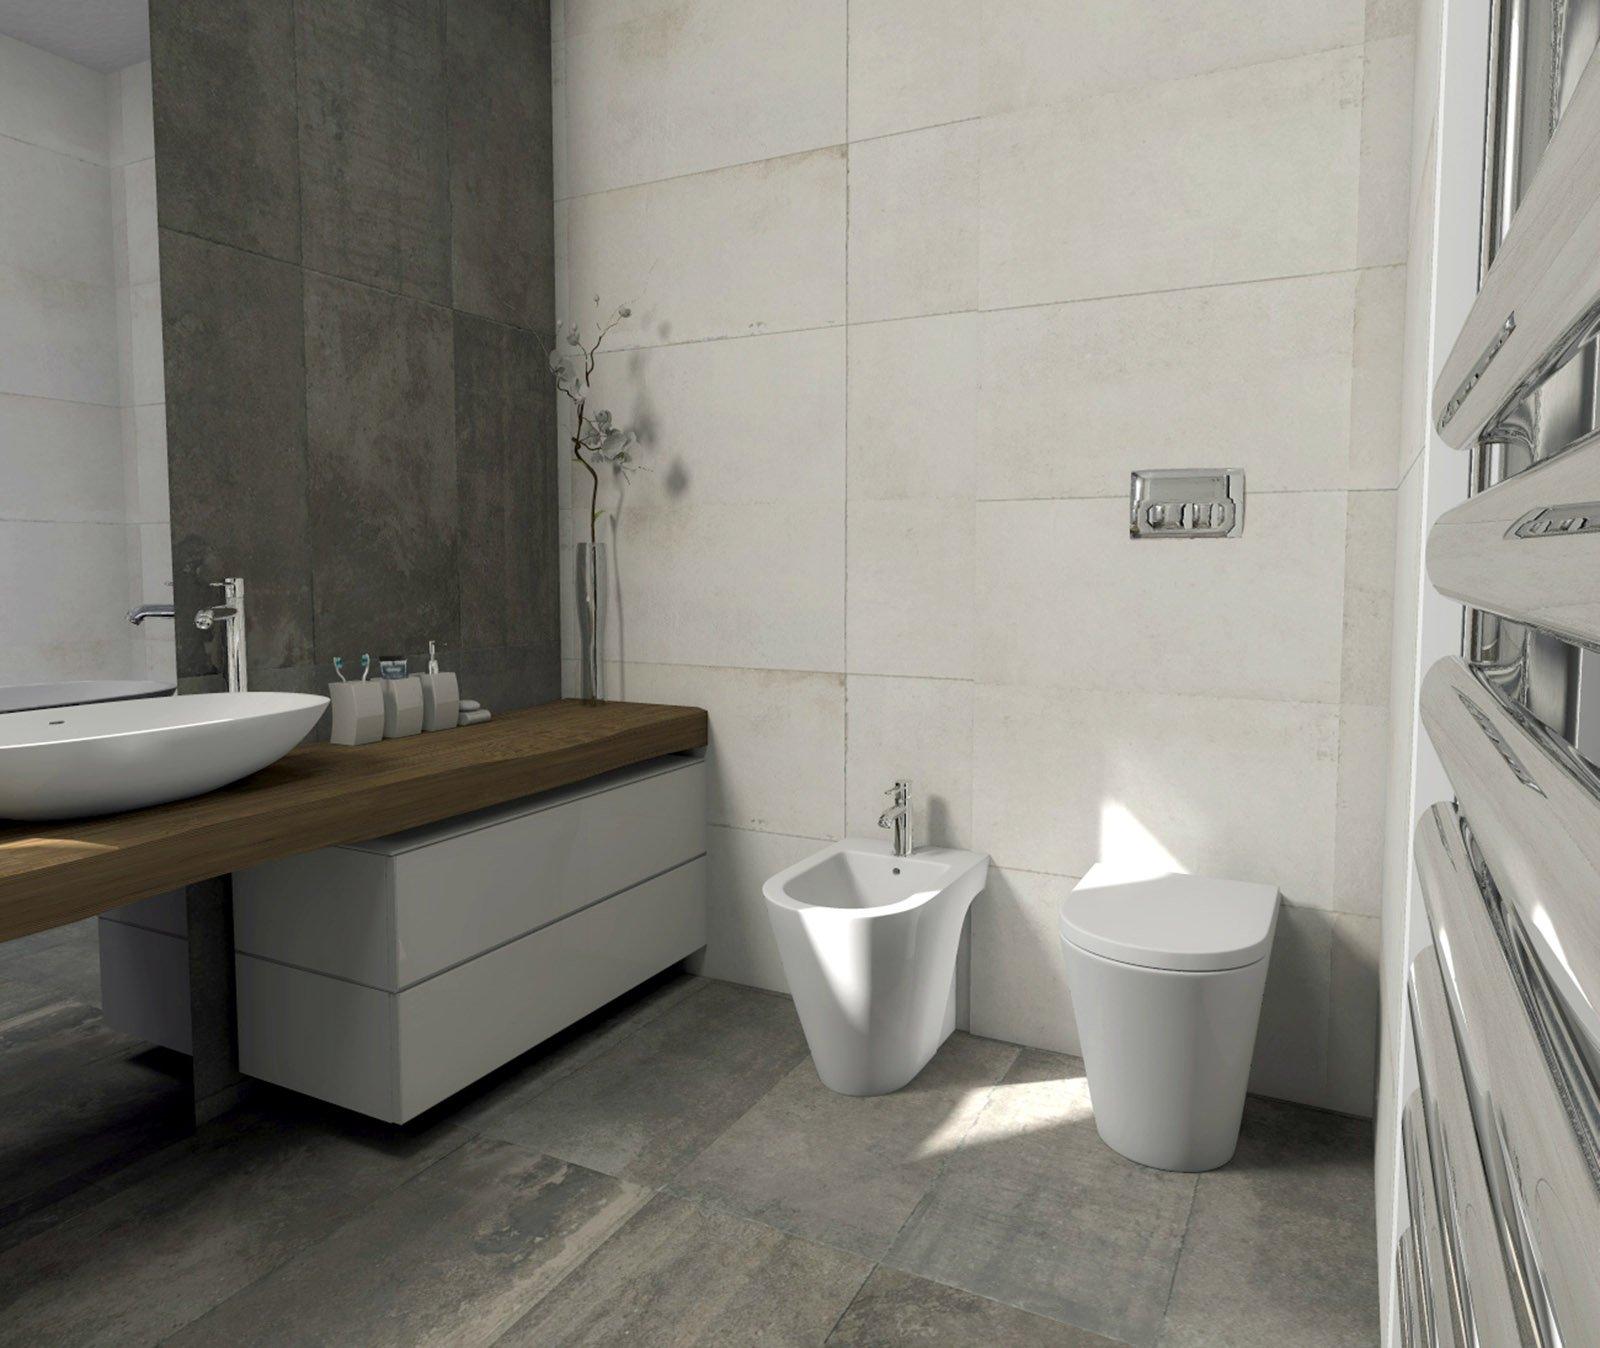 Bagno quale la distribuzione migliore per sanitari e doccia cose di casa for Bagno piccolo con vasca